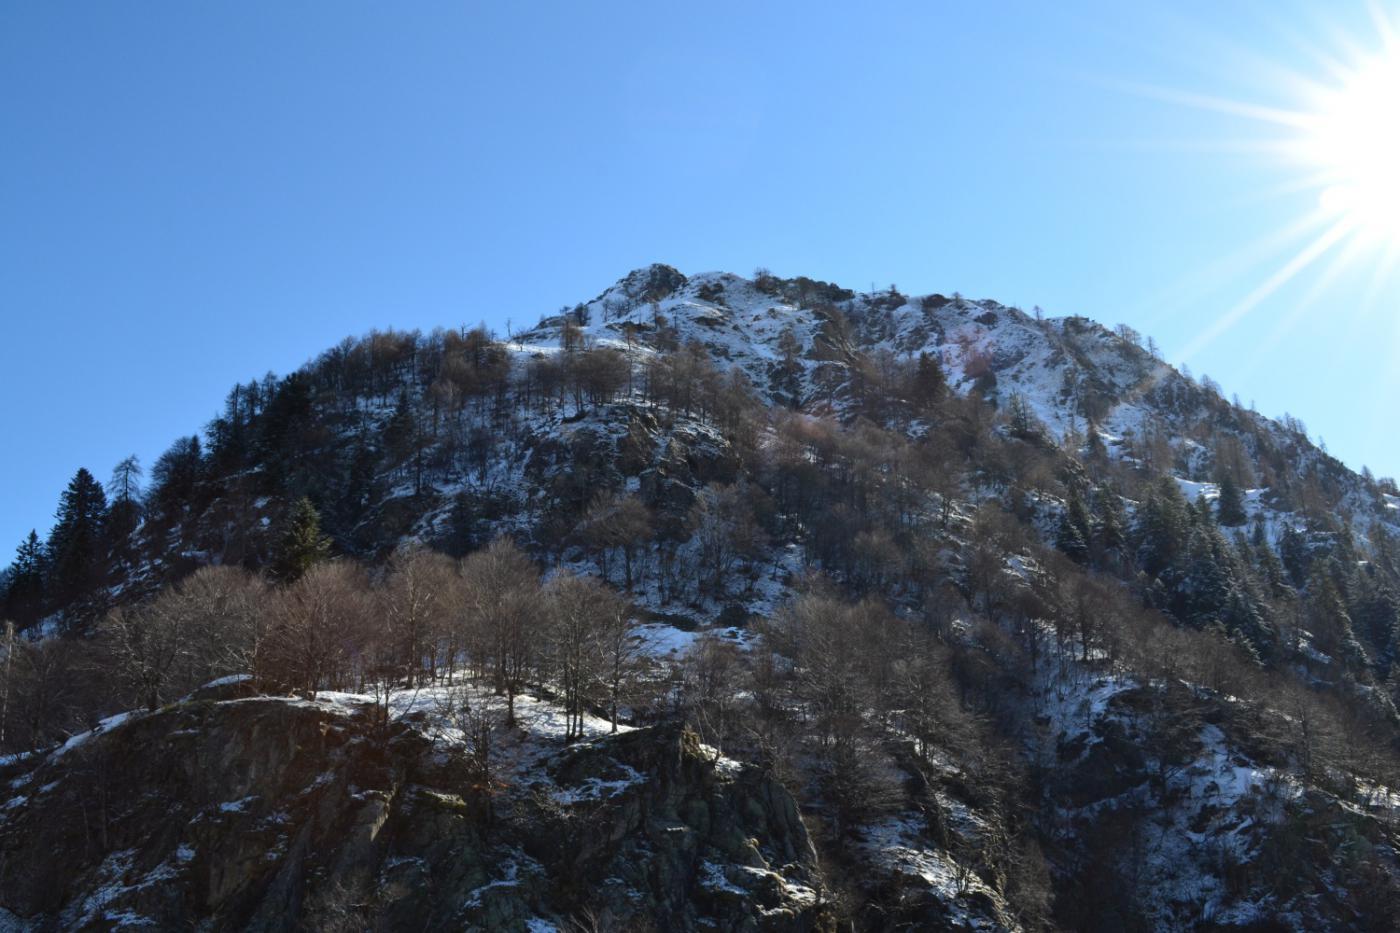 nei pressi della bastionata rocciosa da superare